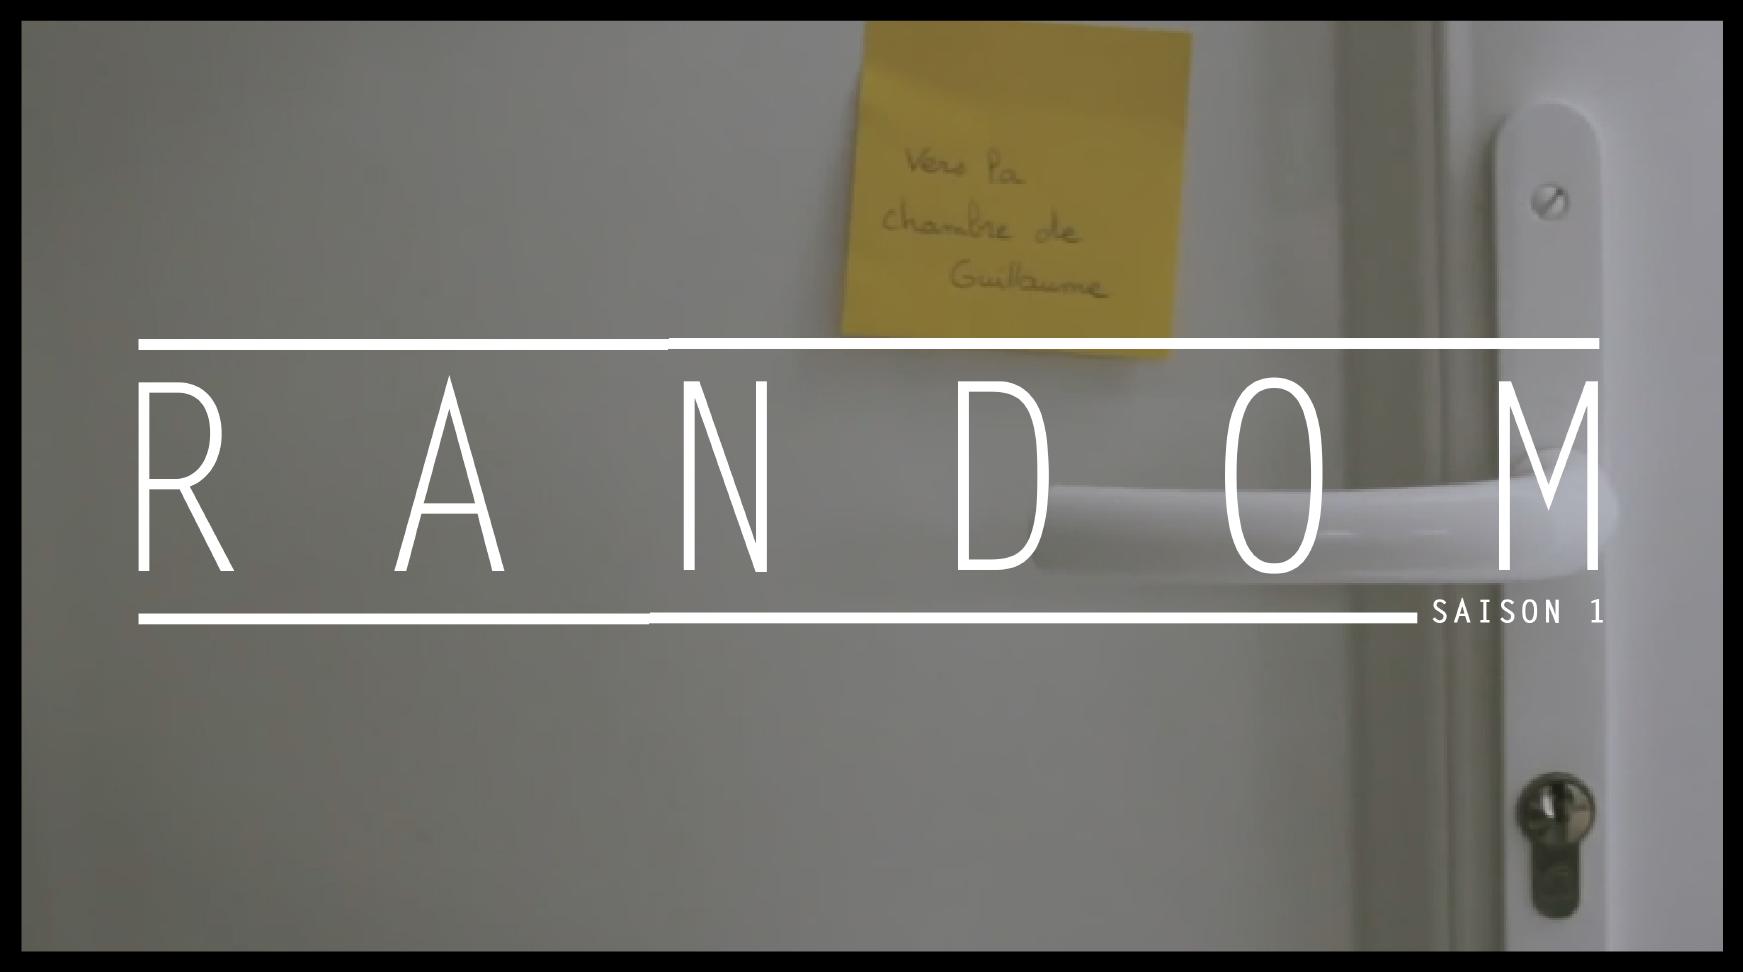 épisode 03, saison 01 - random